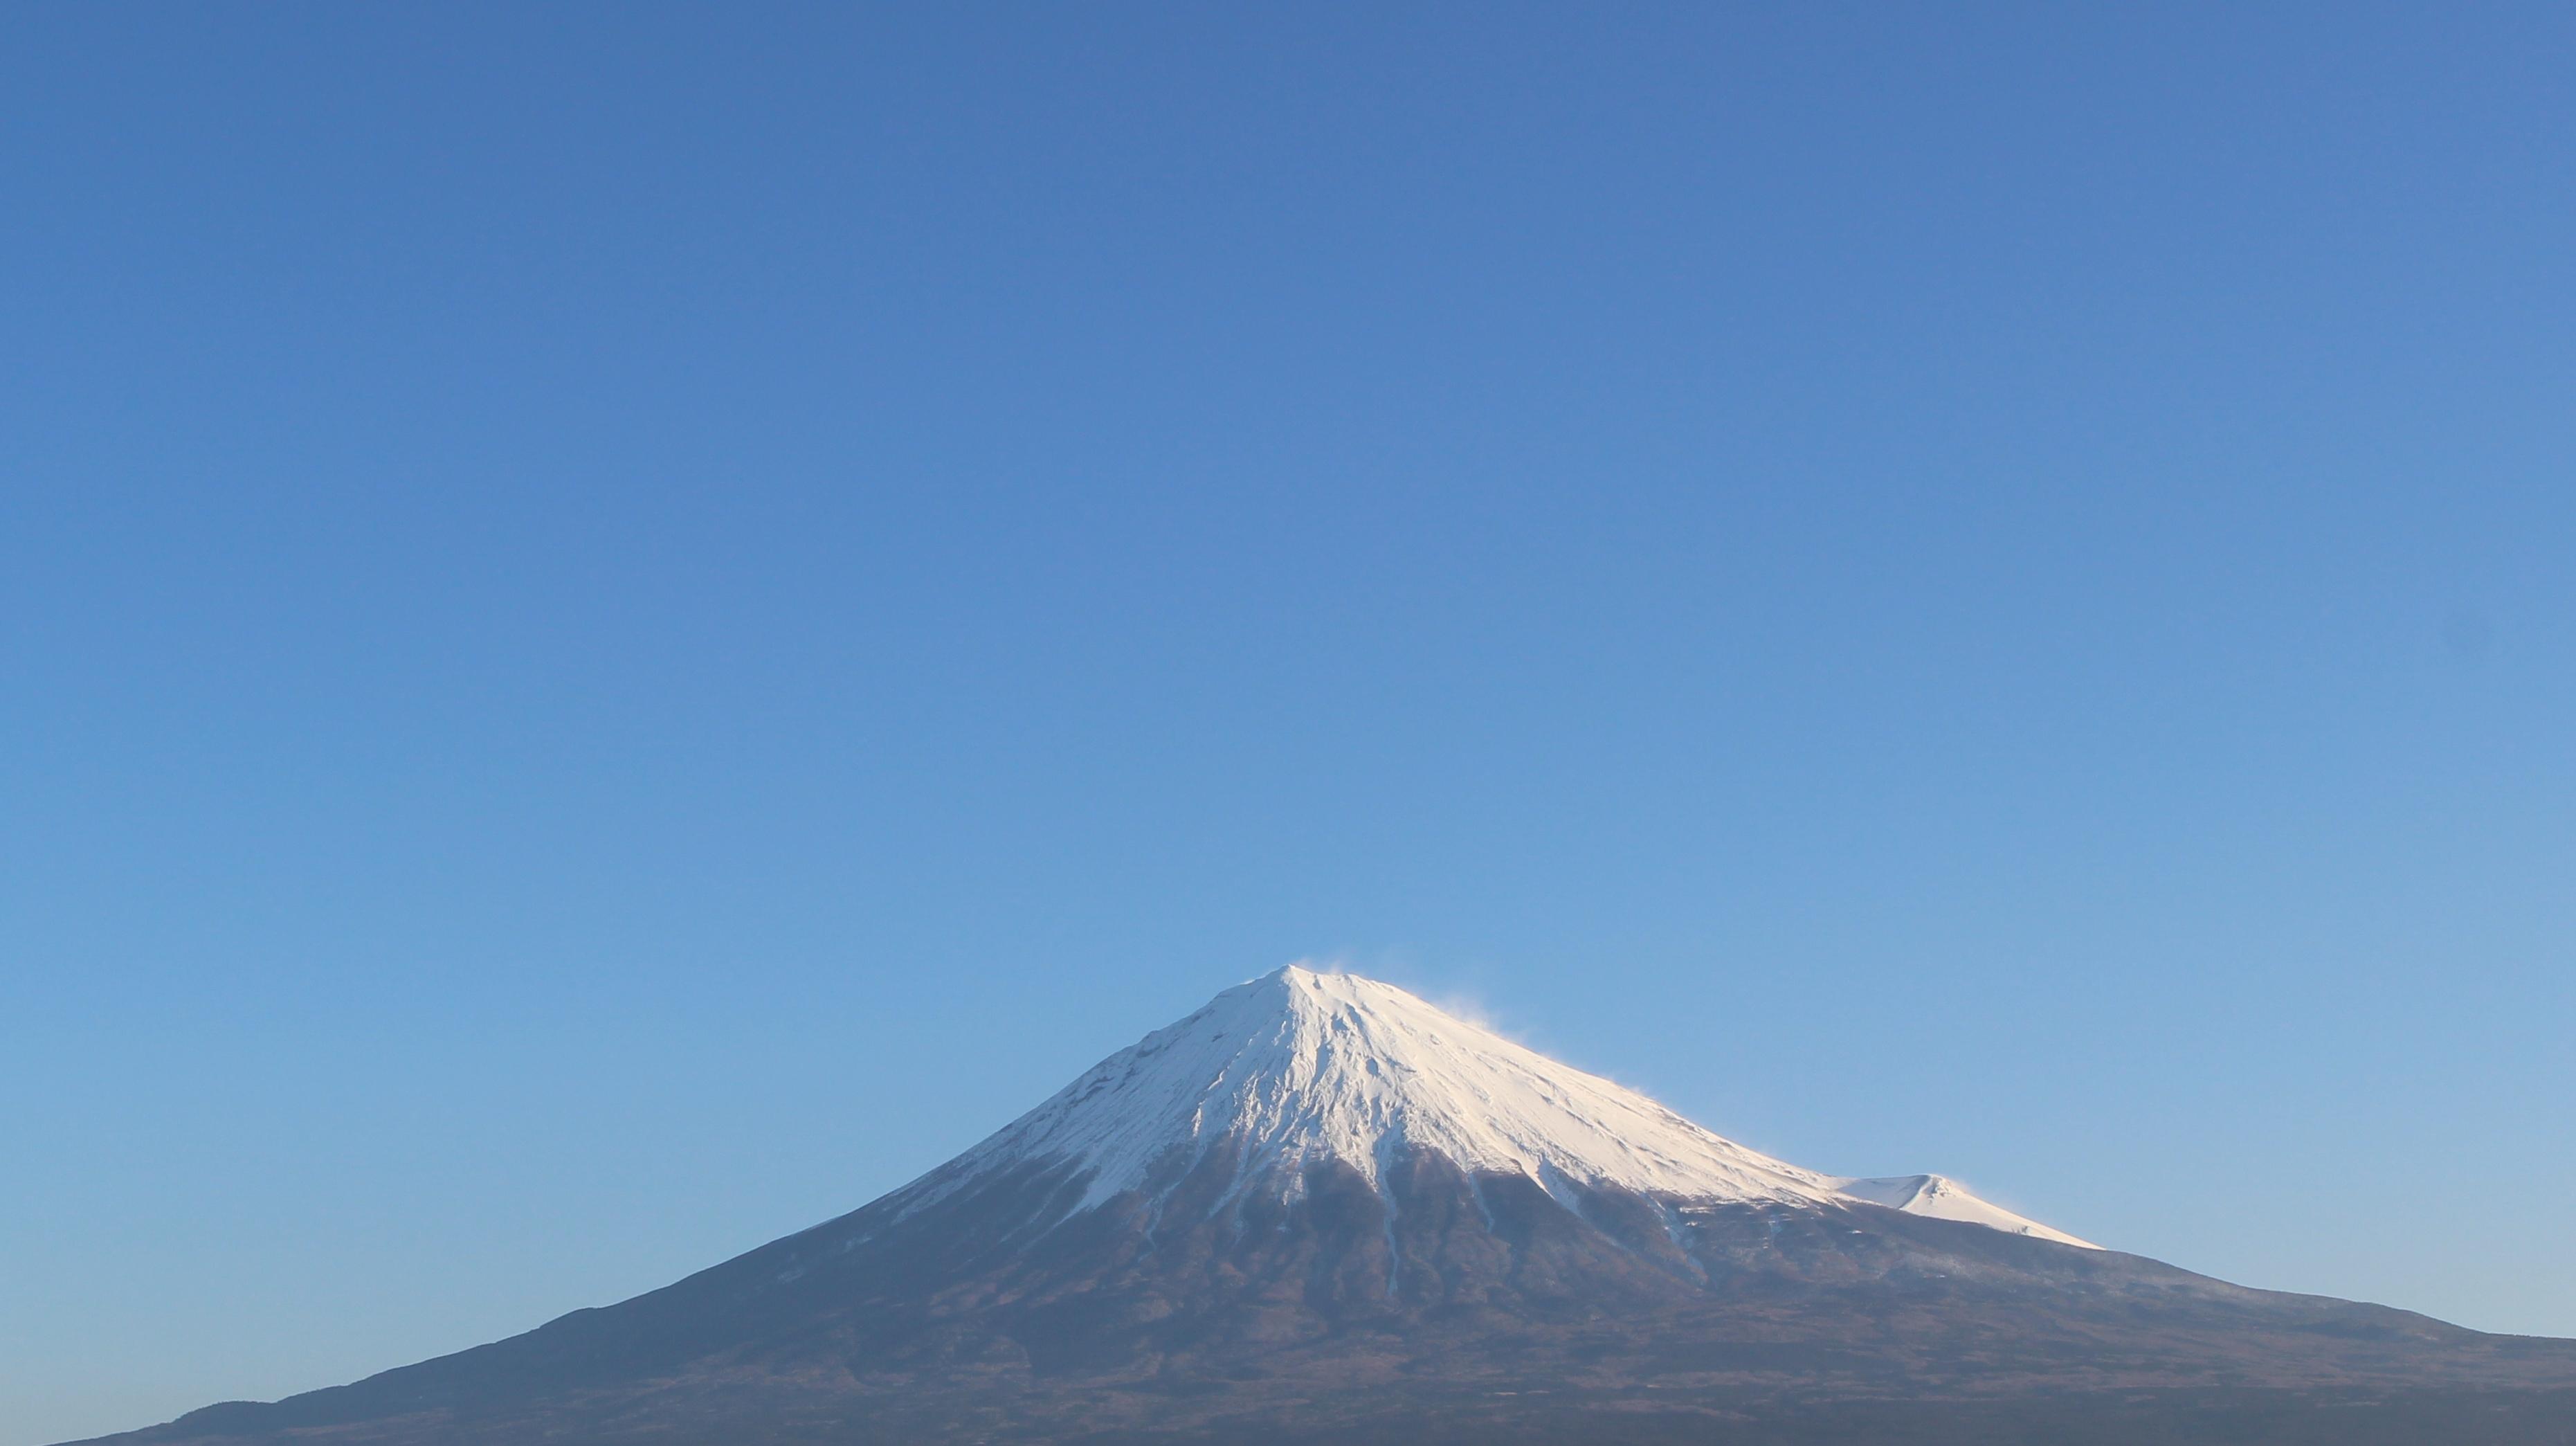 2017年1月10日の富士山の写真